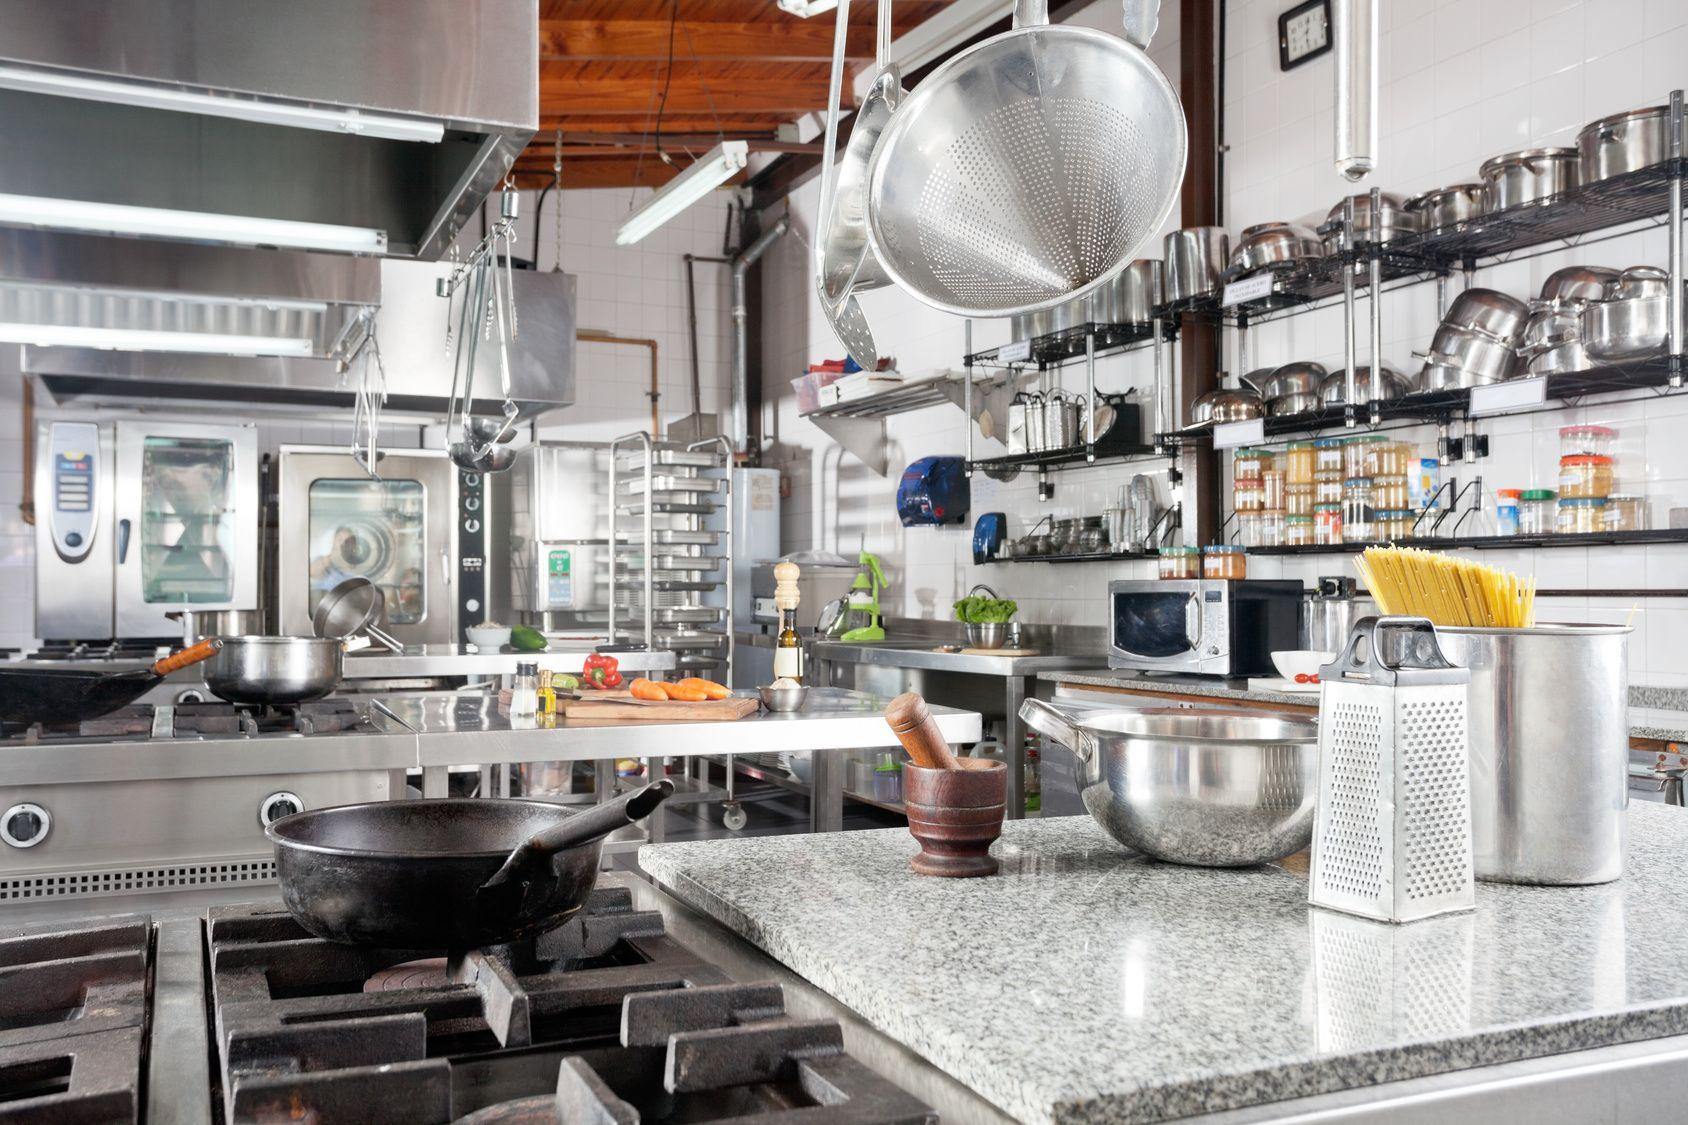 Vente Equipements Restaurant Fournisseur Materiels A Rabat Maroc Cuisine Pro Comment Amenager Une Cuisine Appareils Electromenagers Cuisine Commerciale